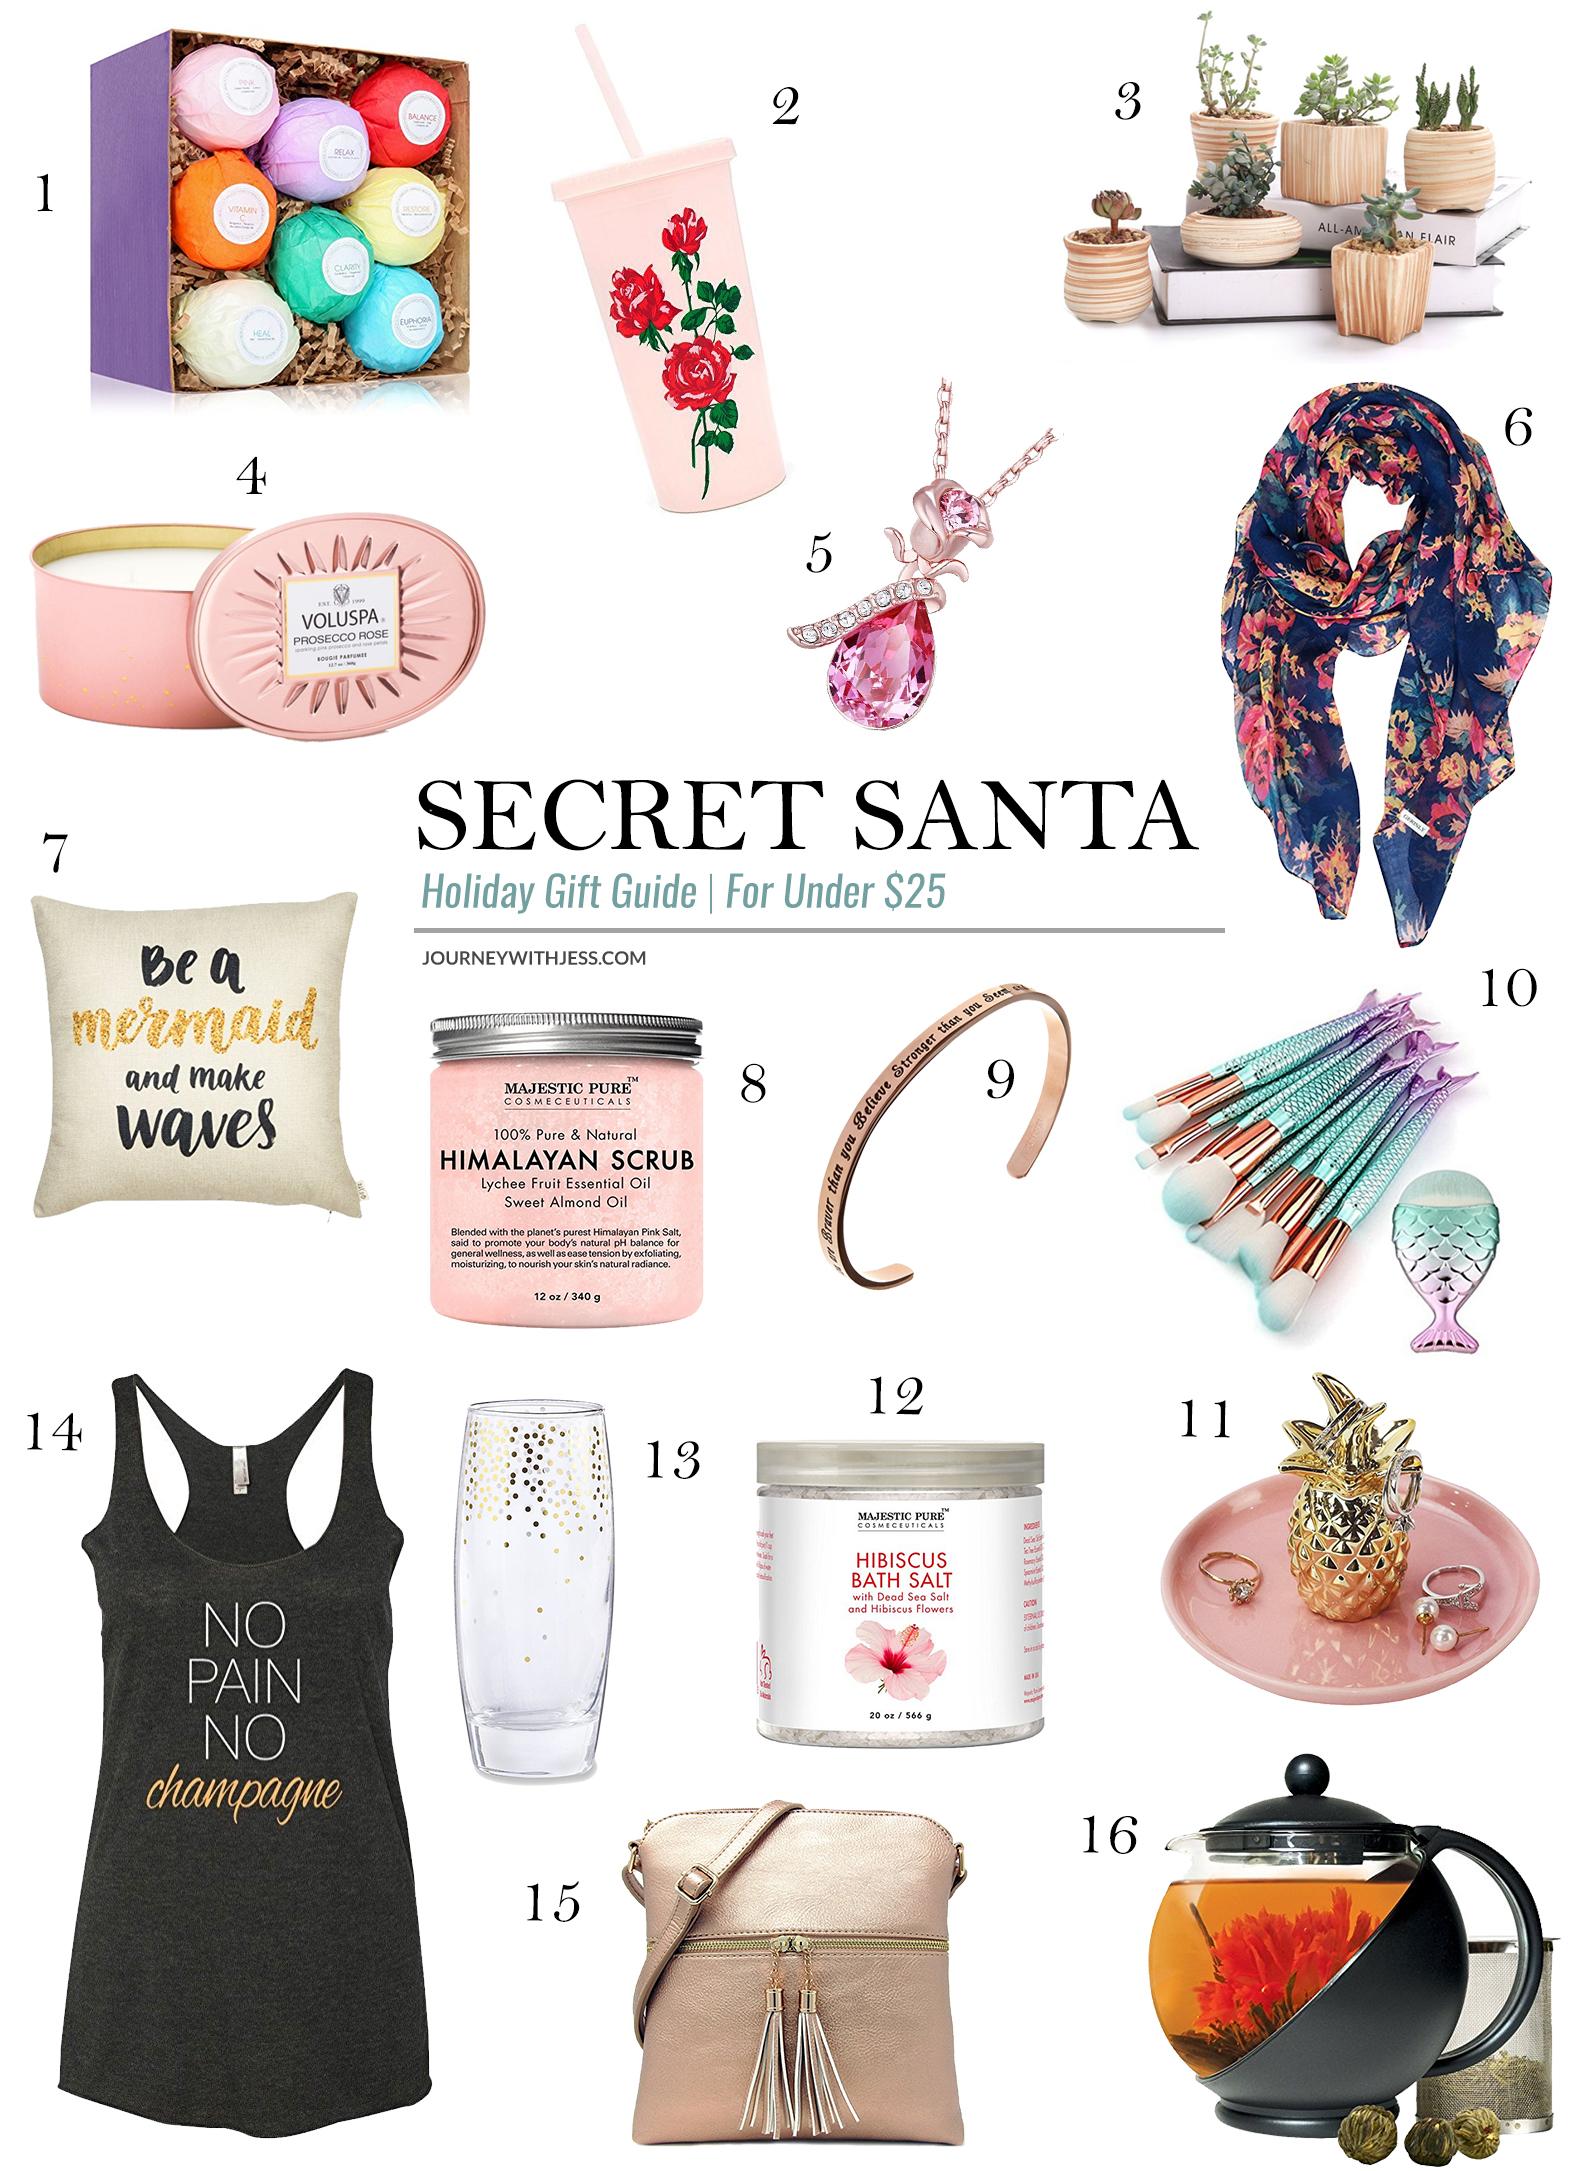 gift-guide-for-secret-santa.jpg